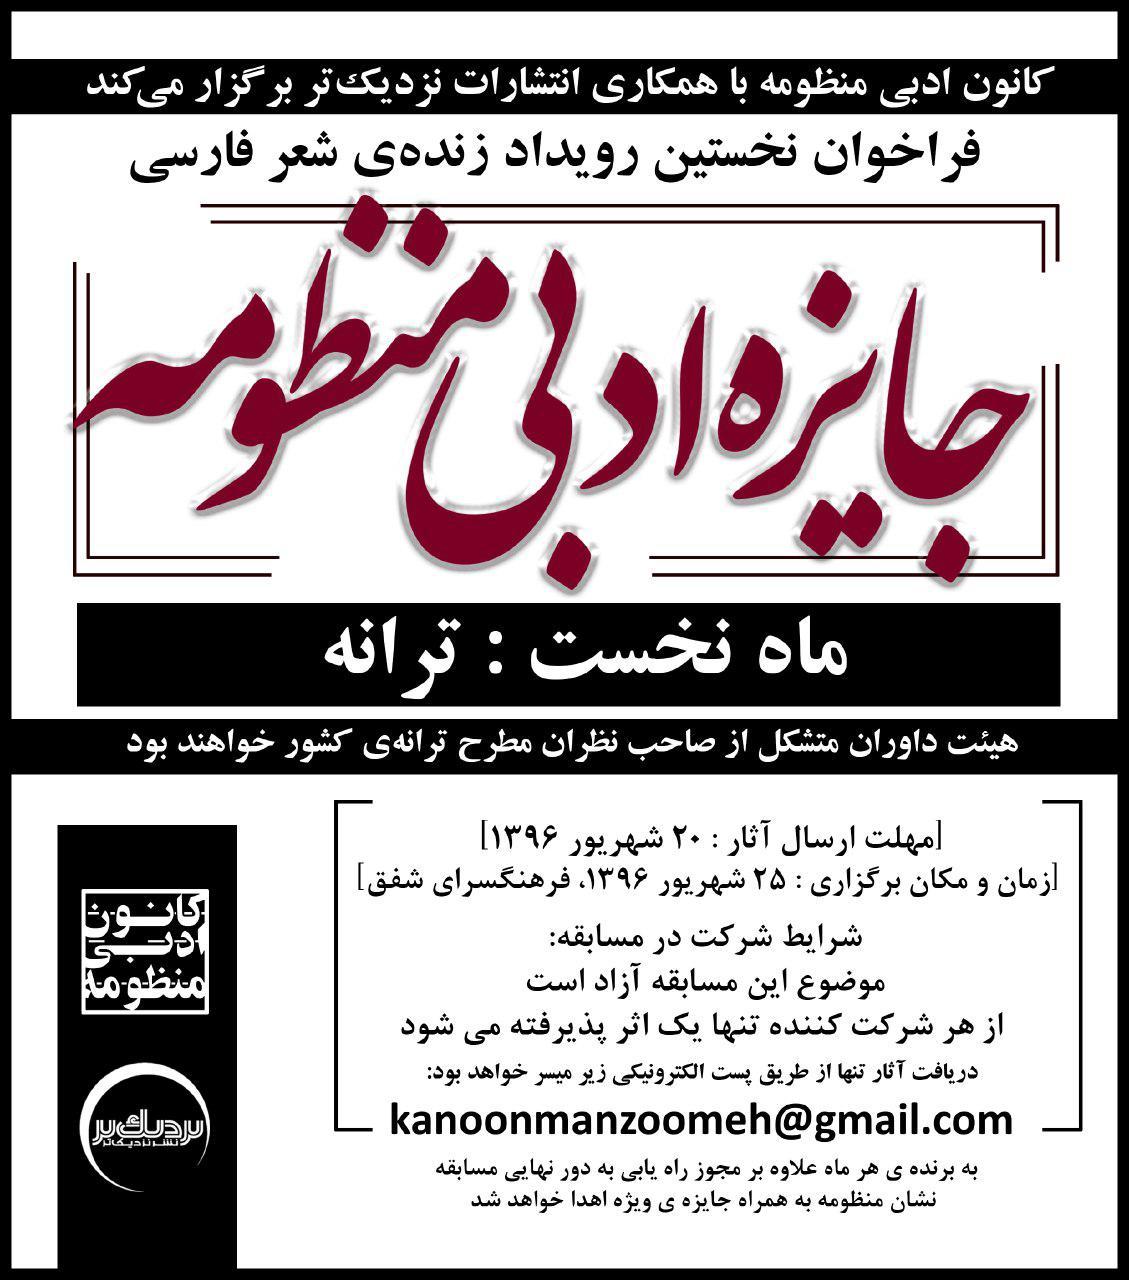 فراخوان نخستین مسابقه زنده شعر فارسی